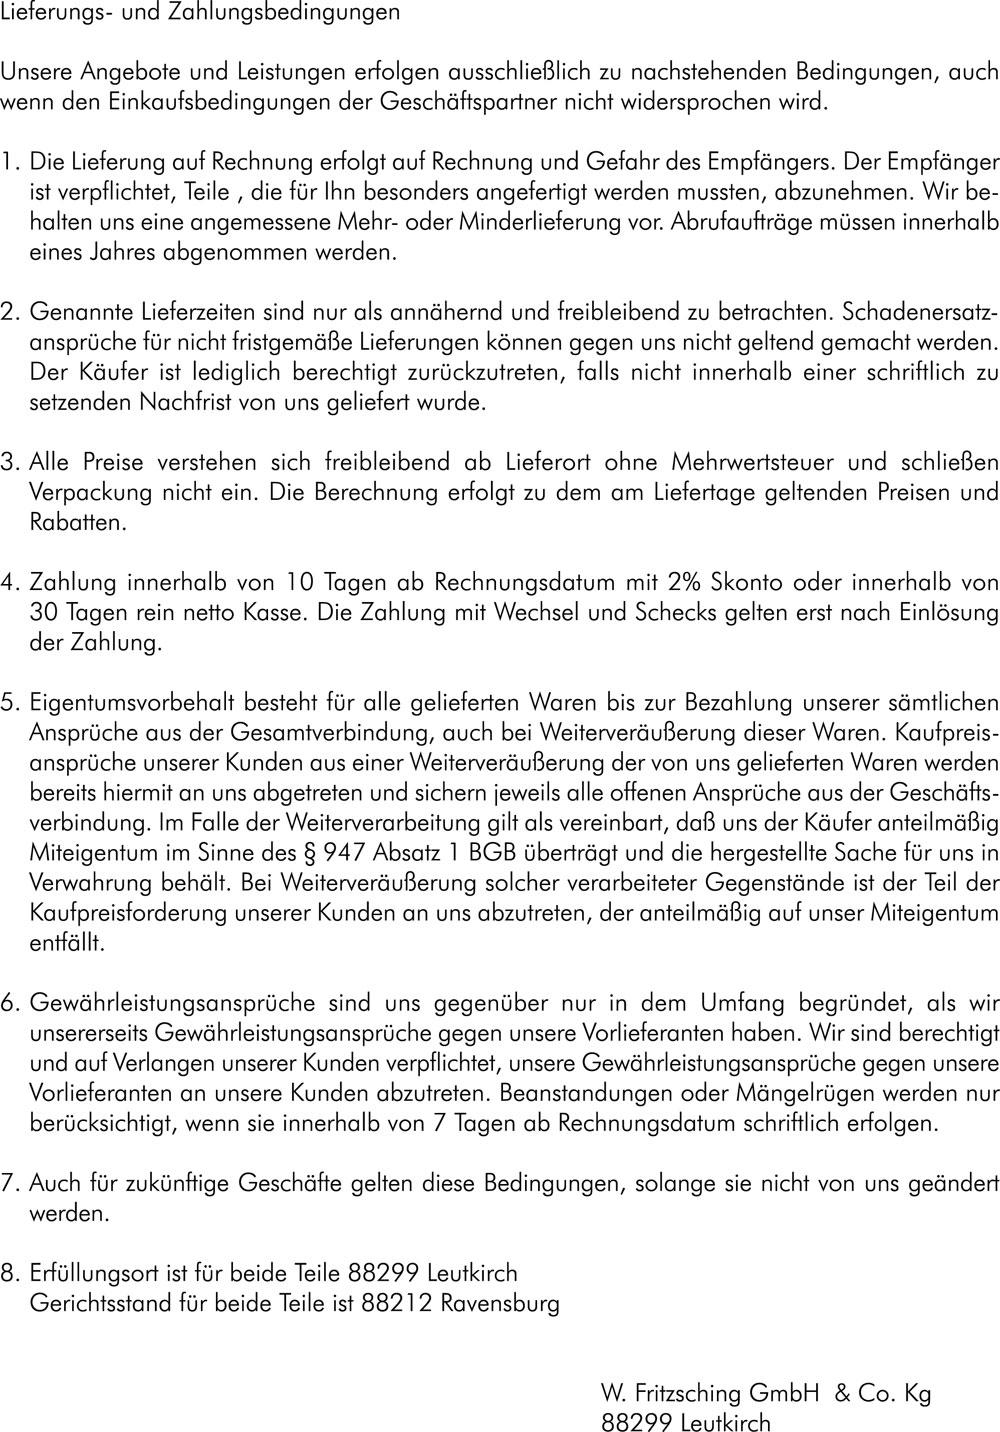 Liefer Und Zahlungsbedingungen : liefer zahlungsbedingungen ~ A.2002-acura-tl-radio.info Haus und Dekorationen